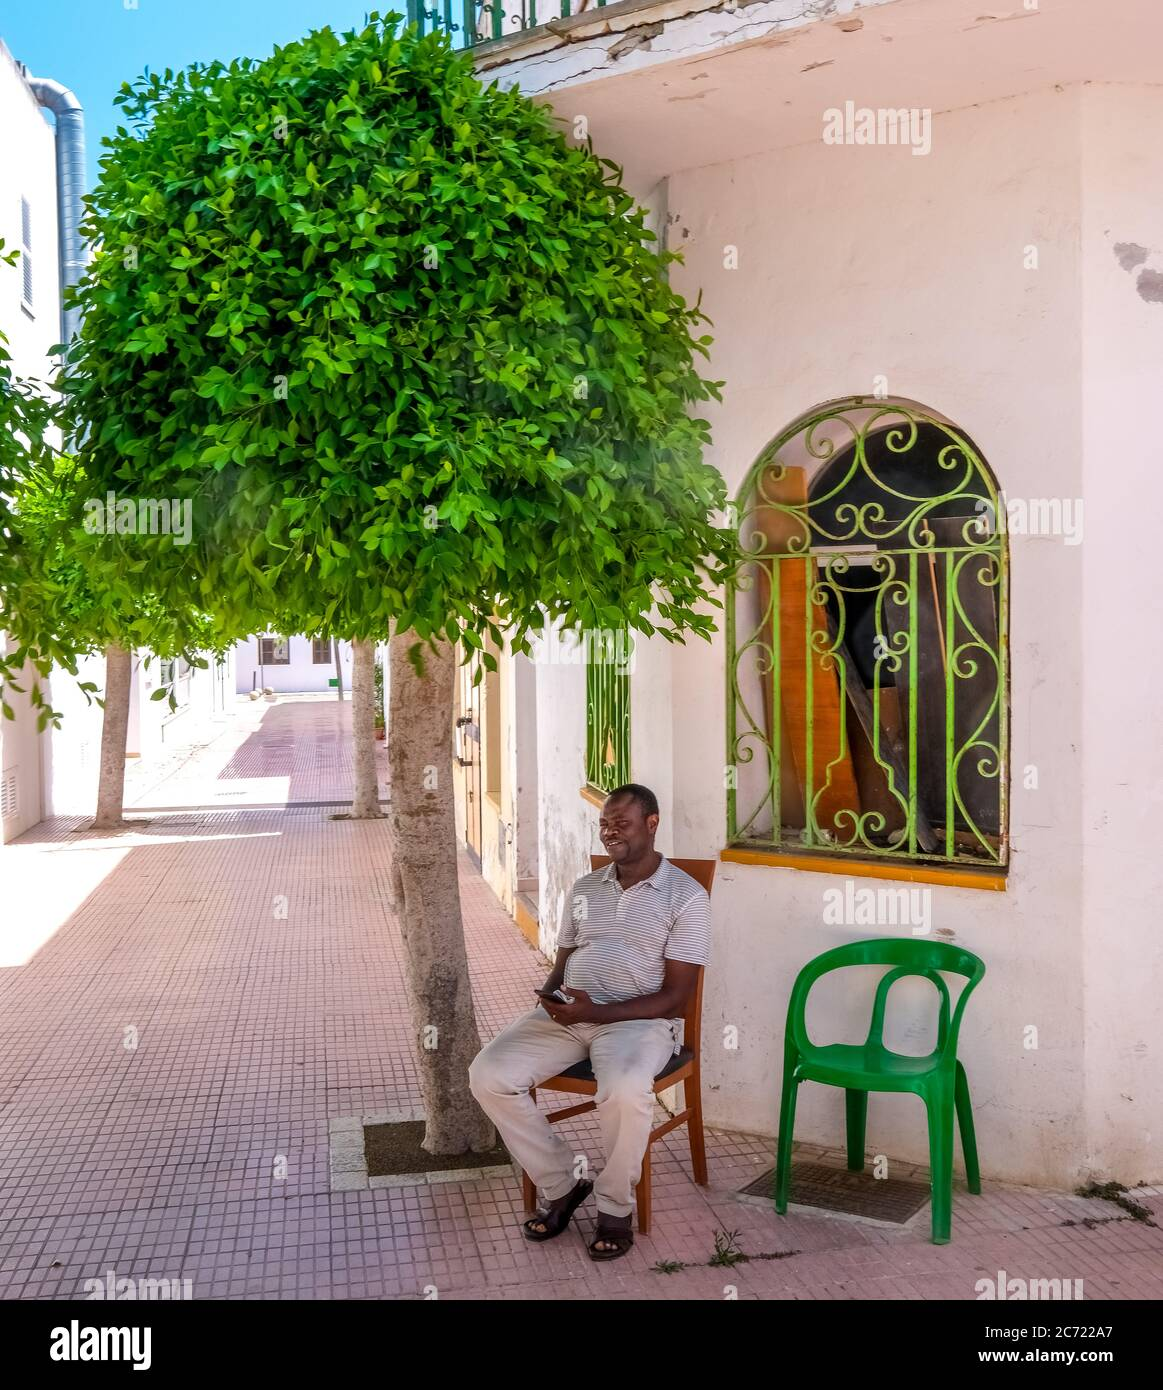 Einsame Verkäufer und geschlossene Geschäfte im ehemals gut besuchten Ferienort Cala d'Or an der Südostküste Mallorcas. Die kommende allgemeine Maske dut Stockfoto